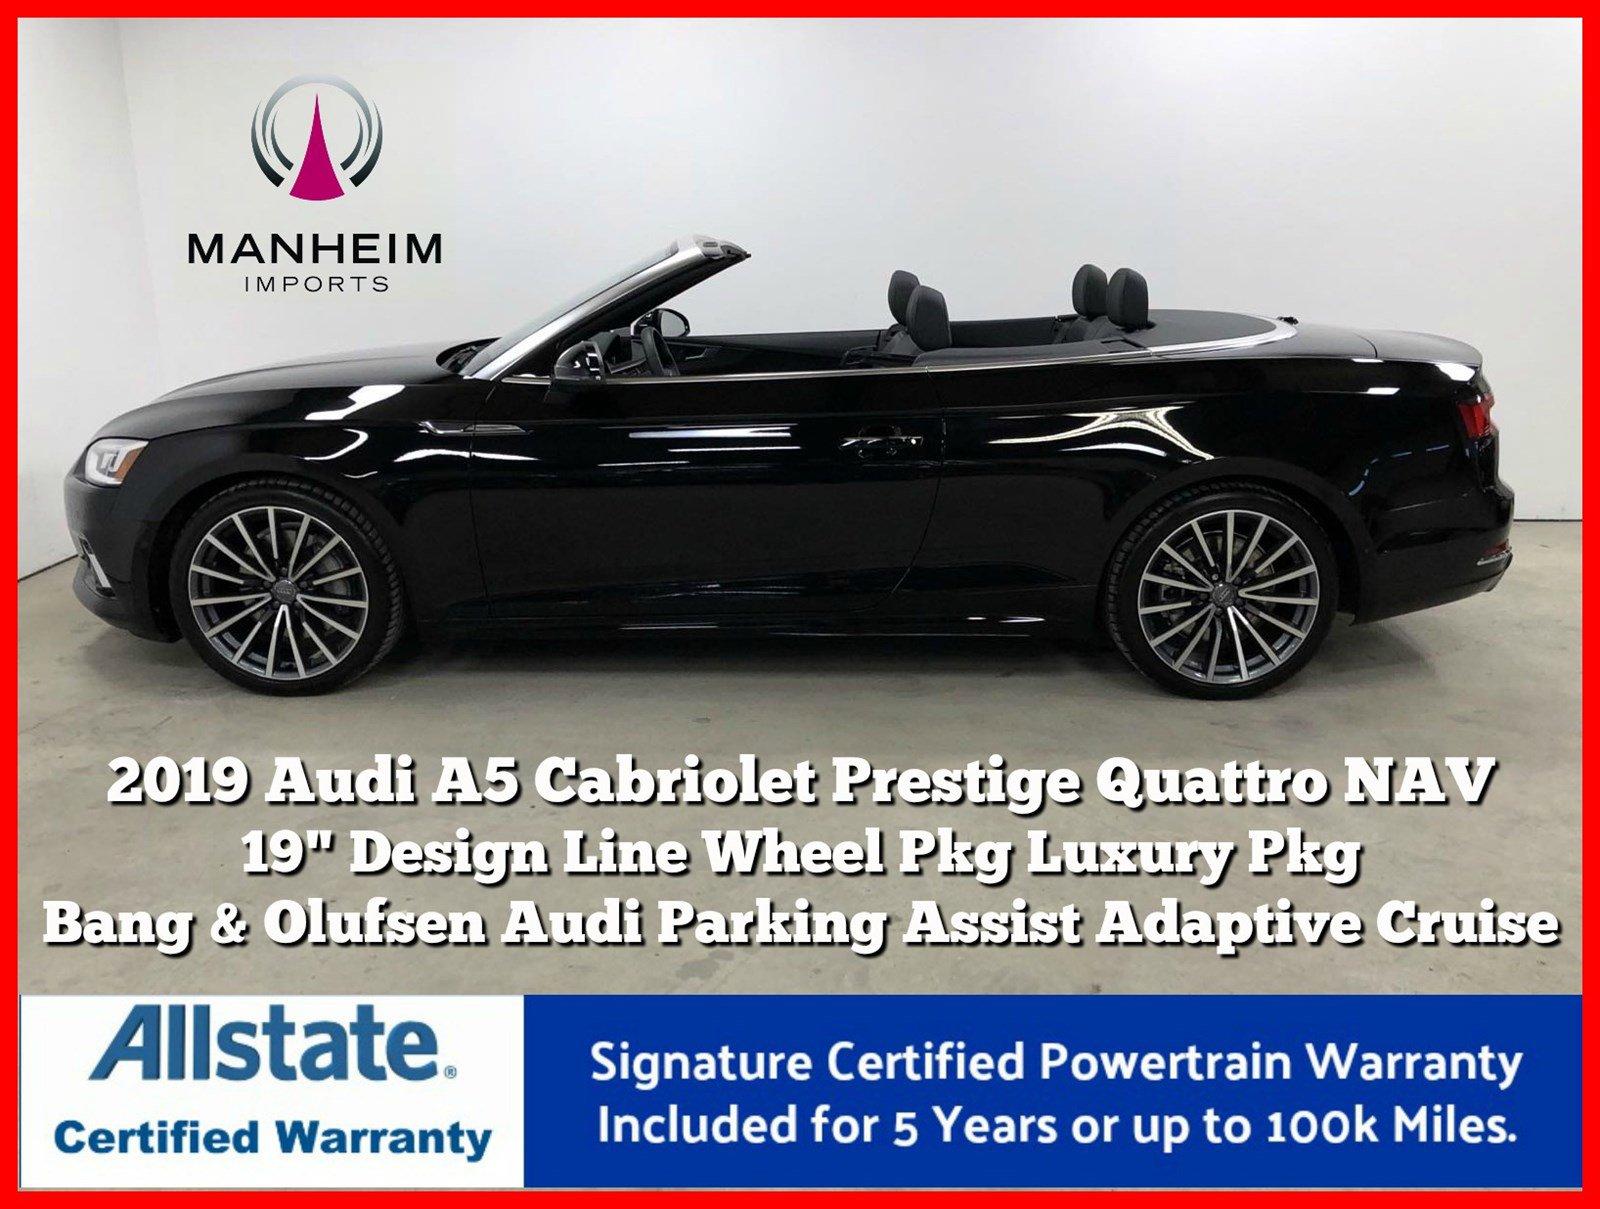 Pre-Owned 2019 Audi A5 Cabriolet Prestige Quattro